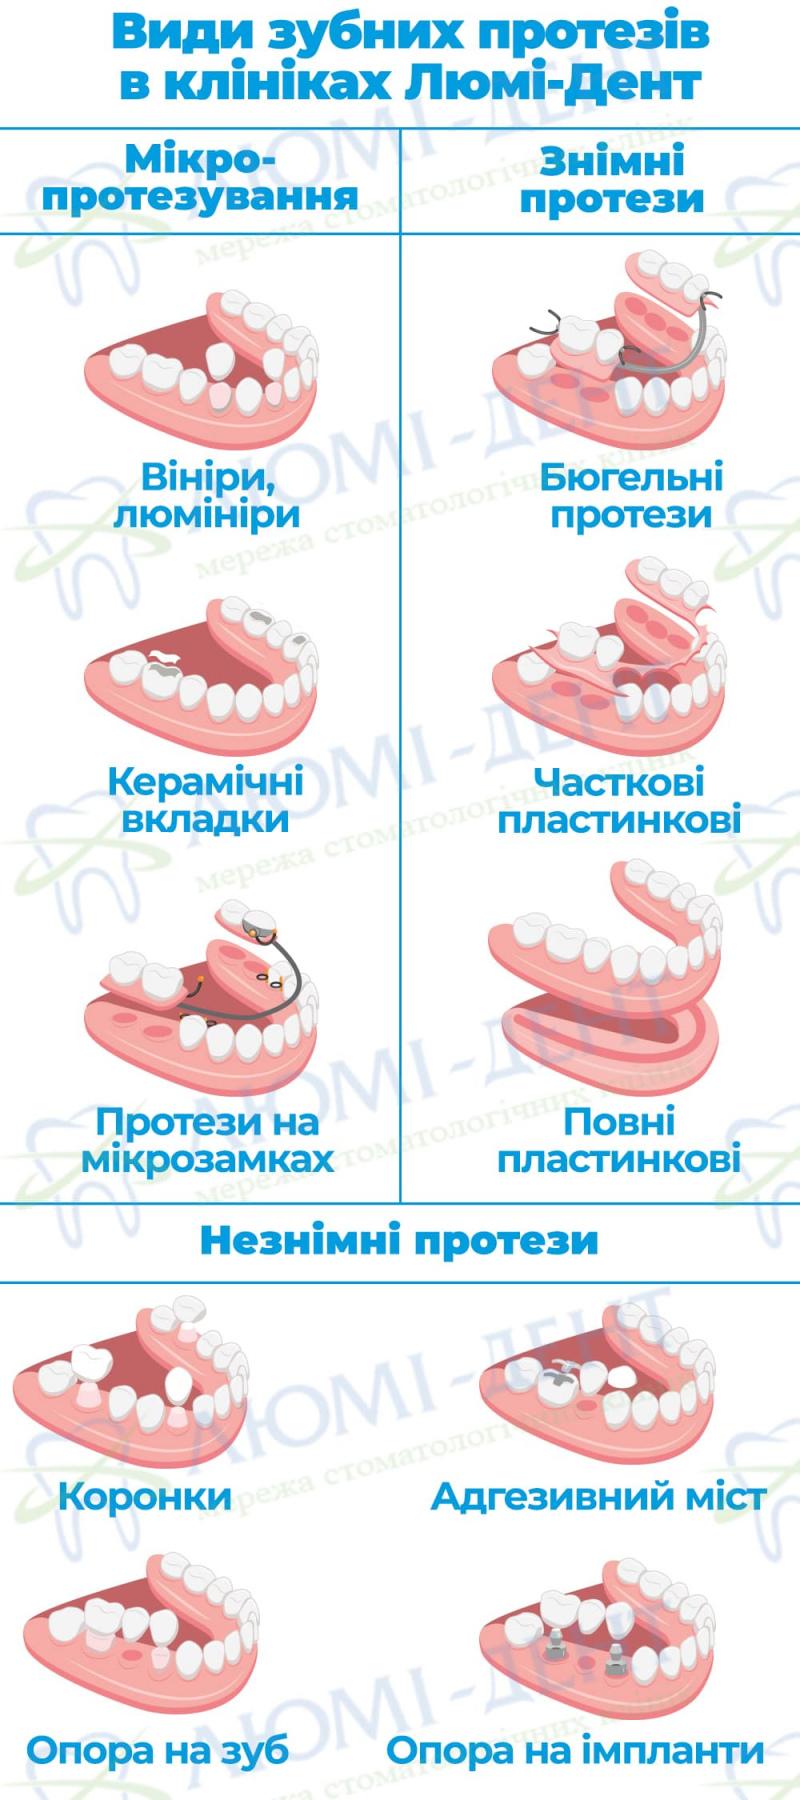 Зубні протези це фото ЛюміДент